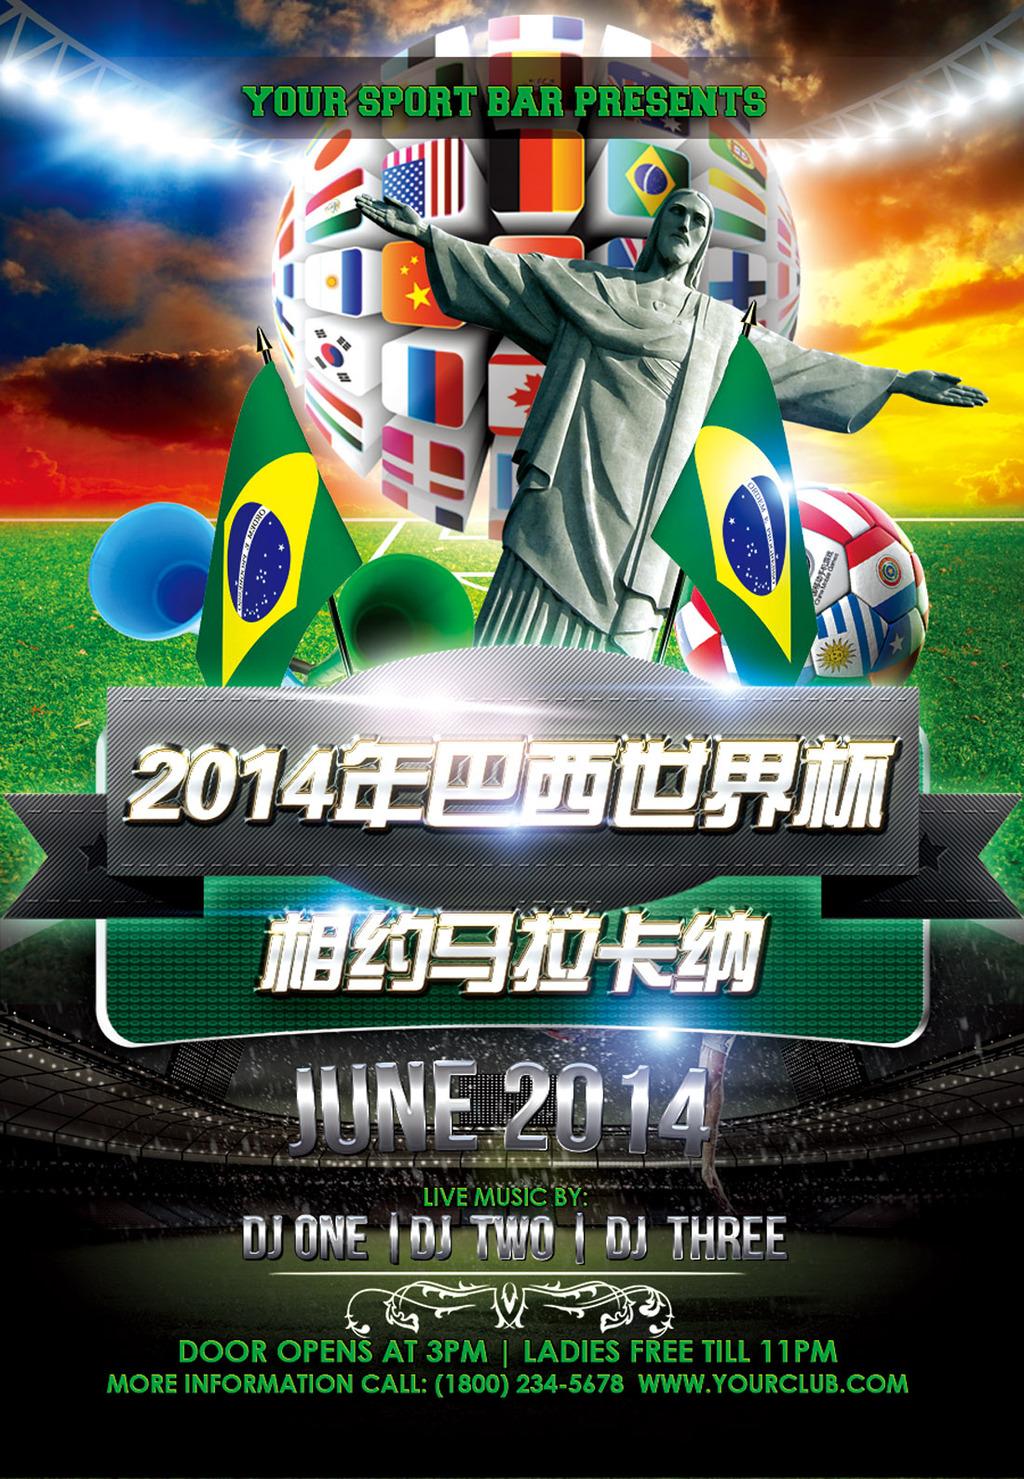 2014世界杯宣传海报模板下载